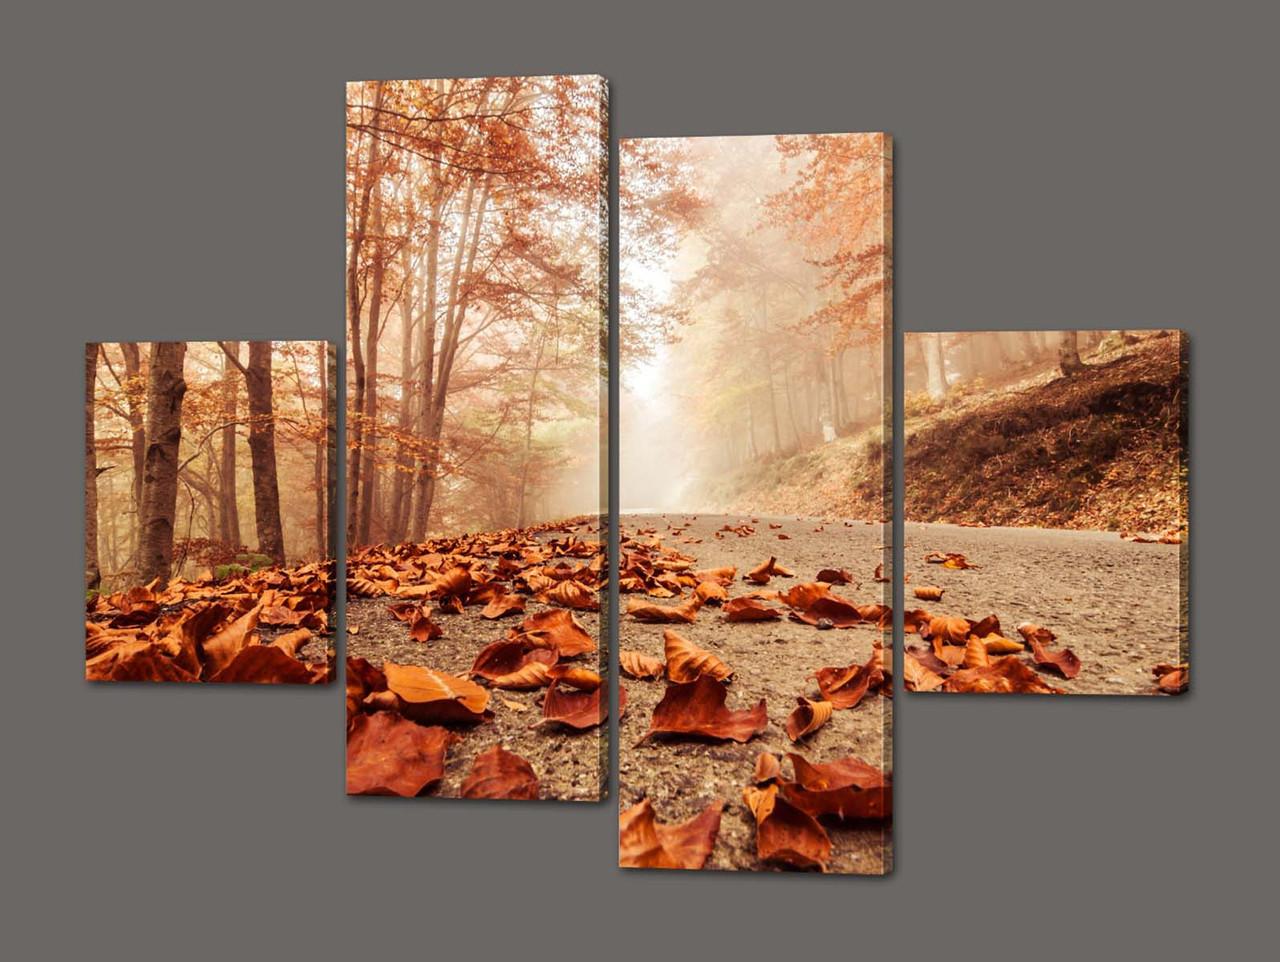 Модульная картина Золотая осень 120*93 см Код: 304.4K.120